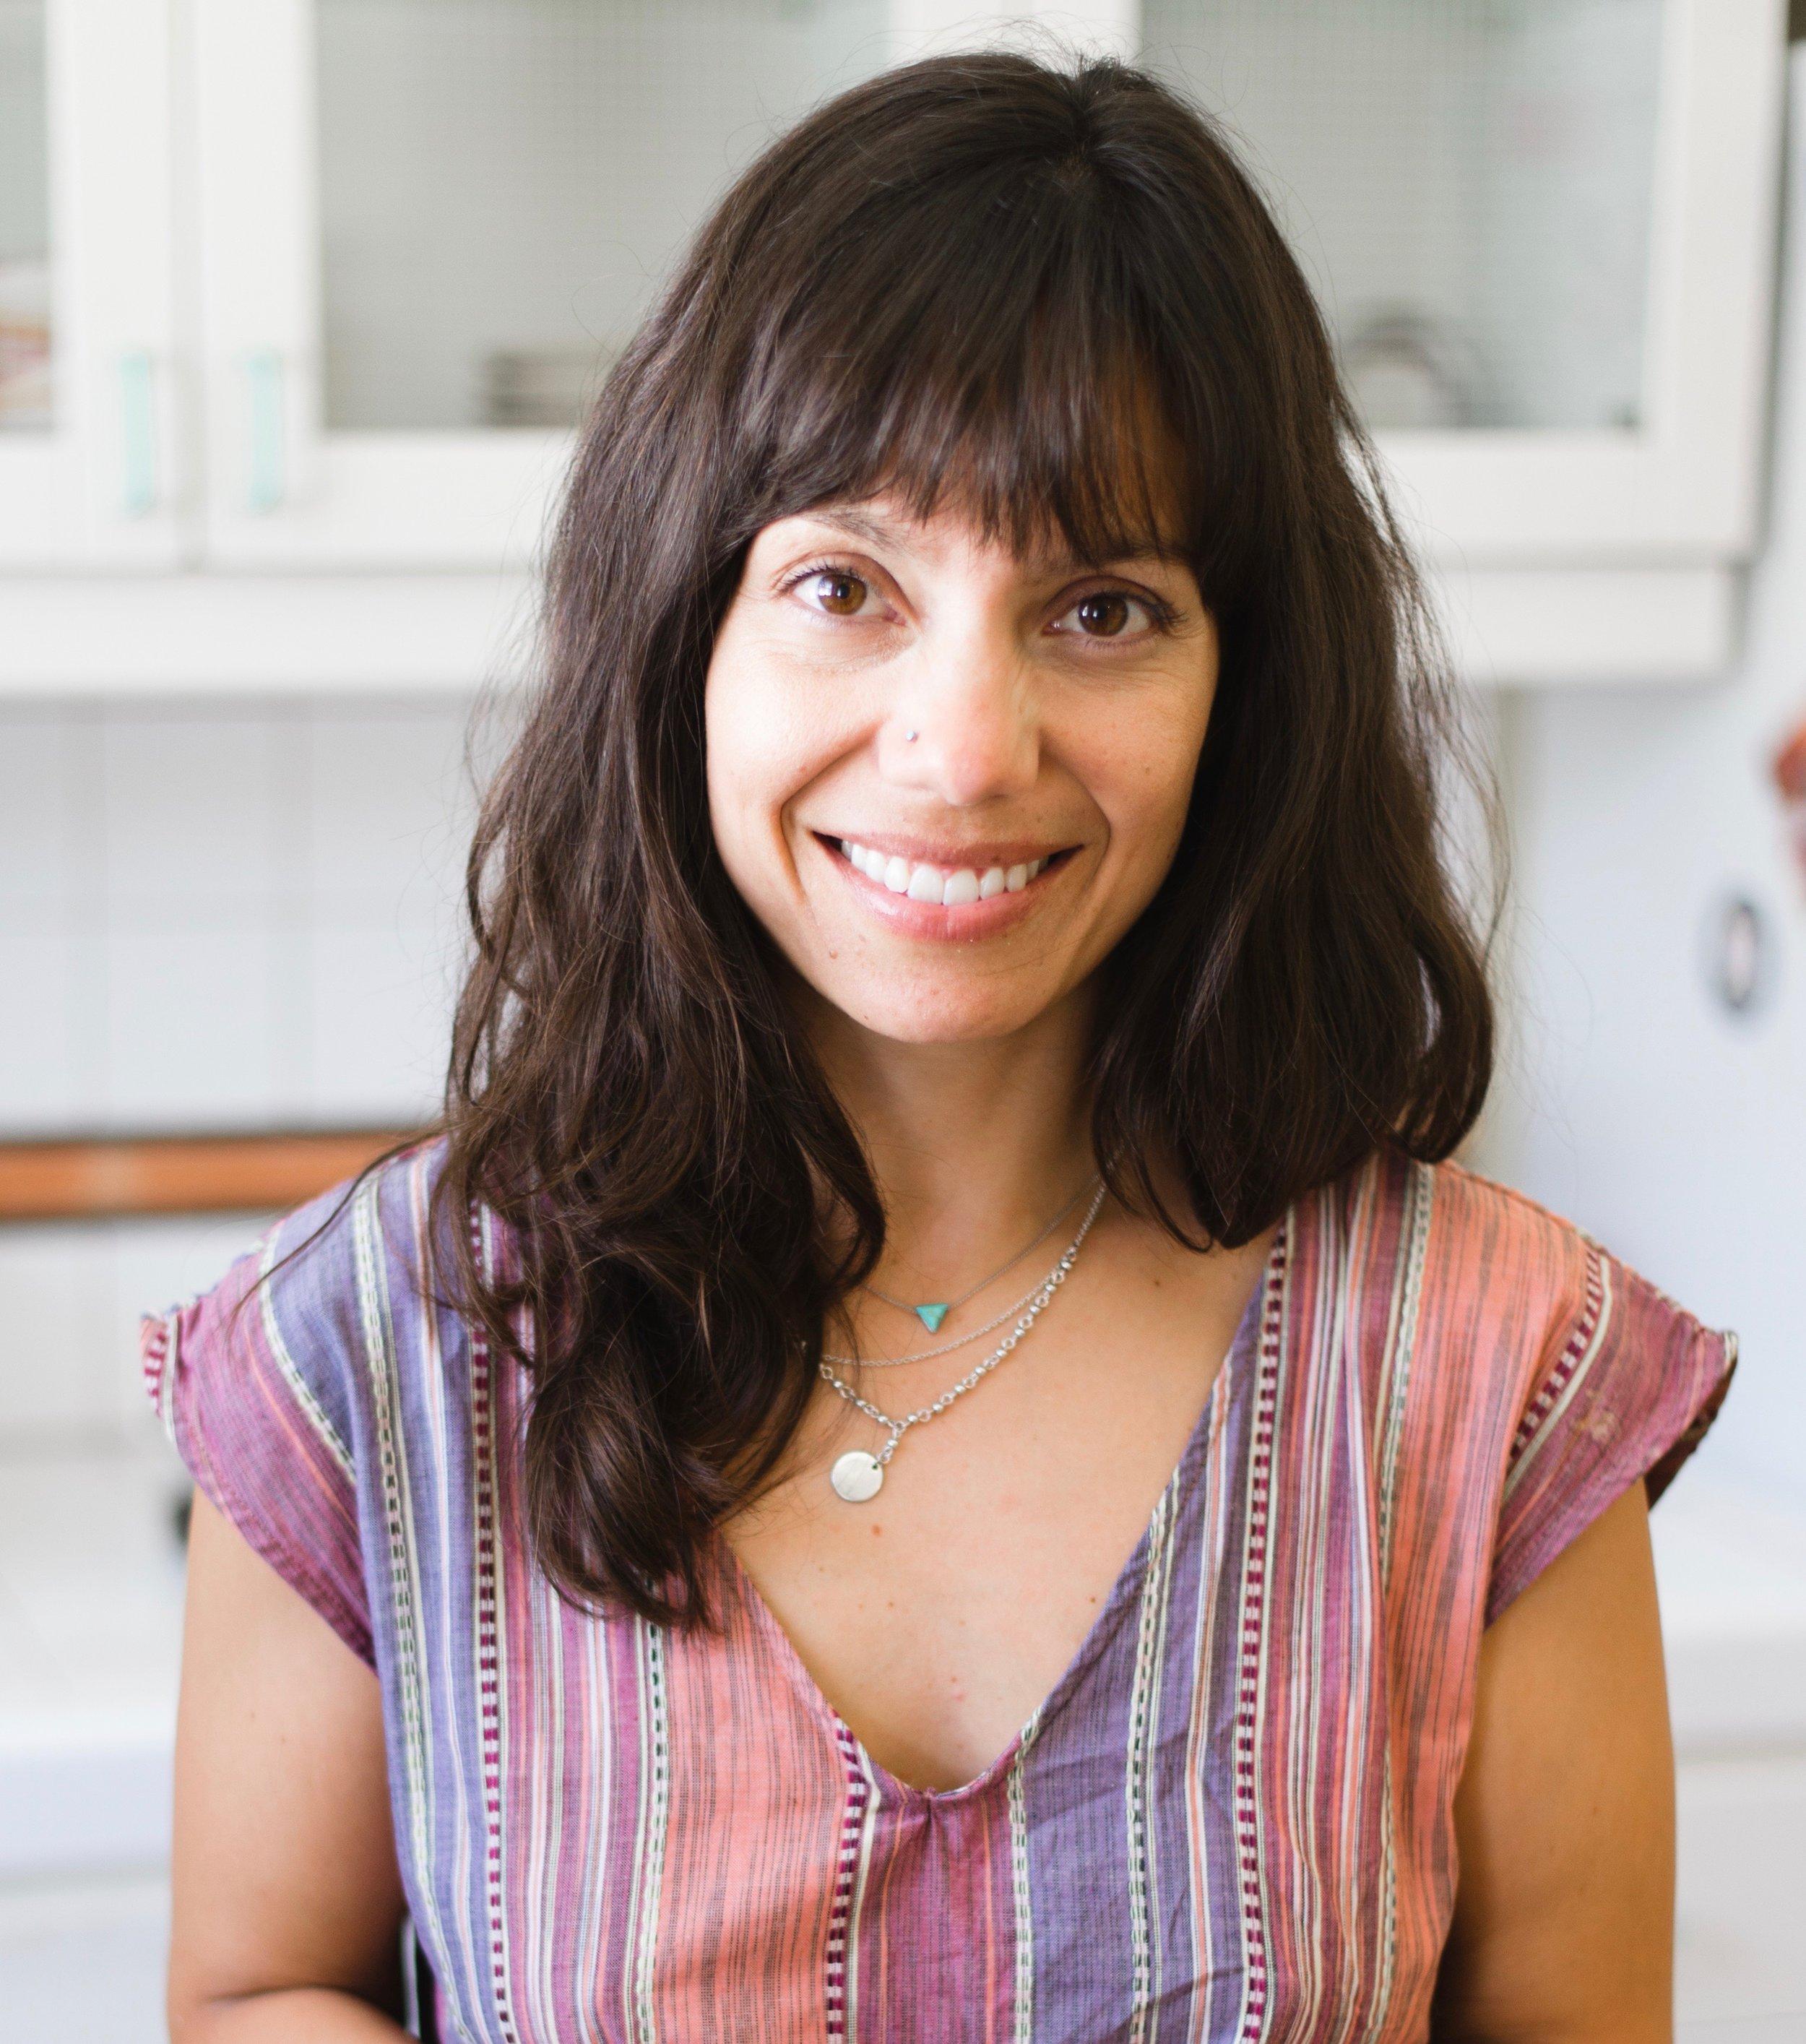 Guest Instructor: Jenna Furnari - E-RYT500 YACEP